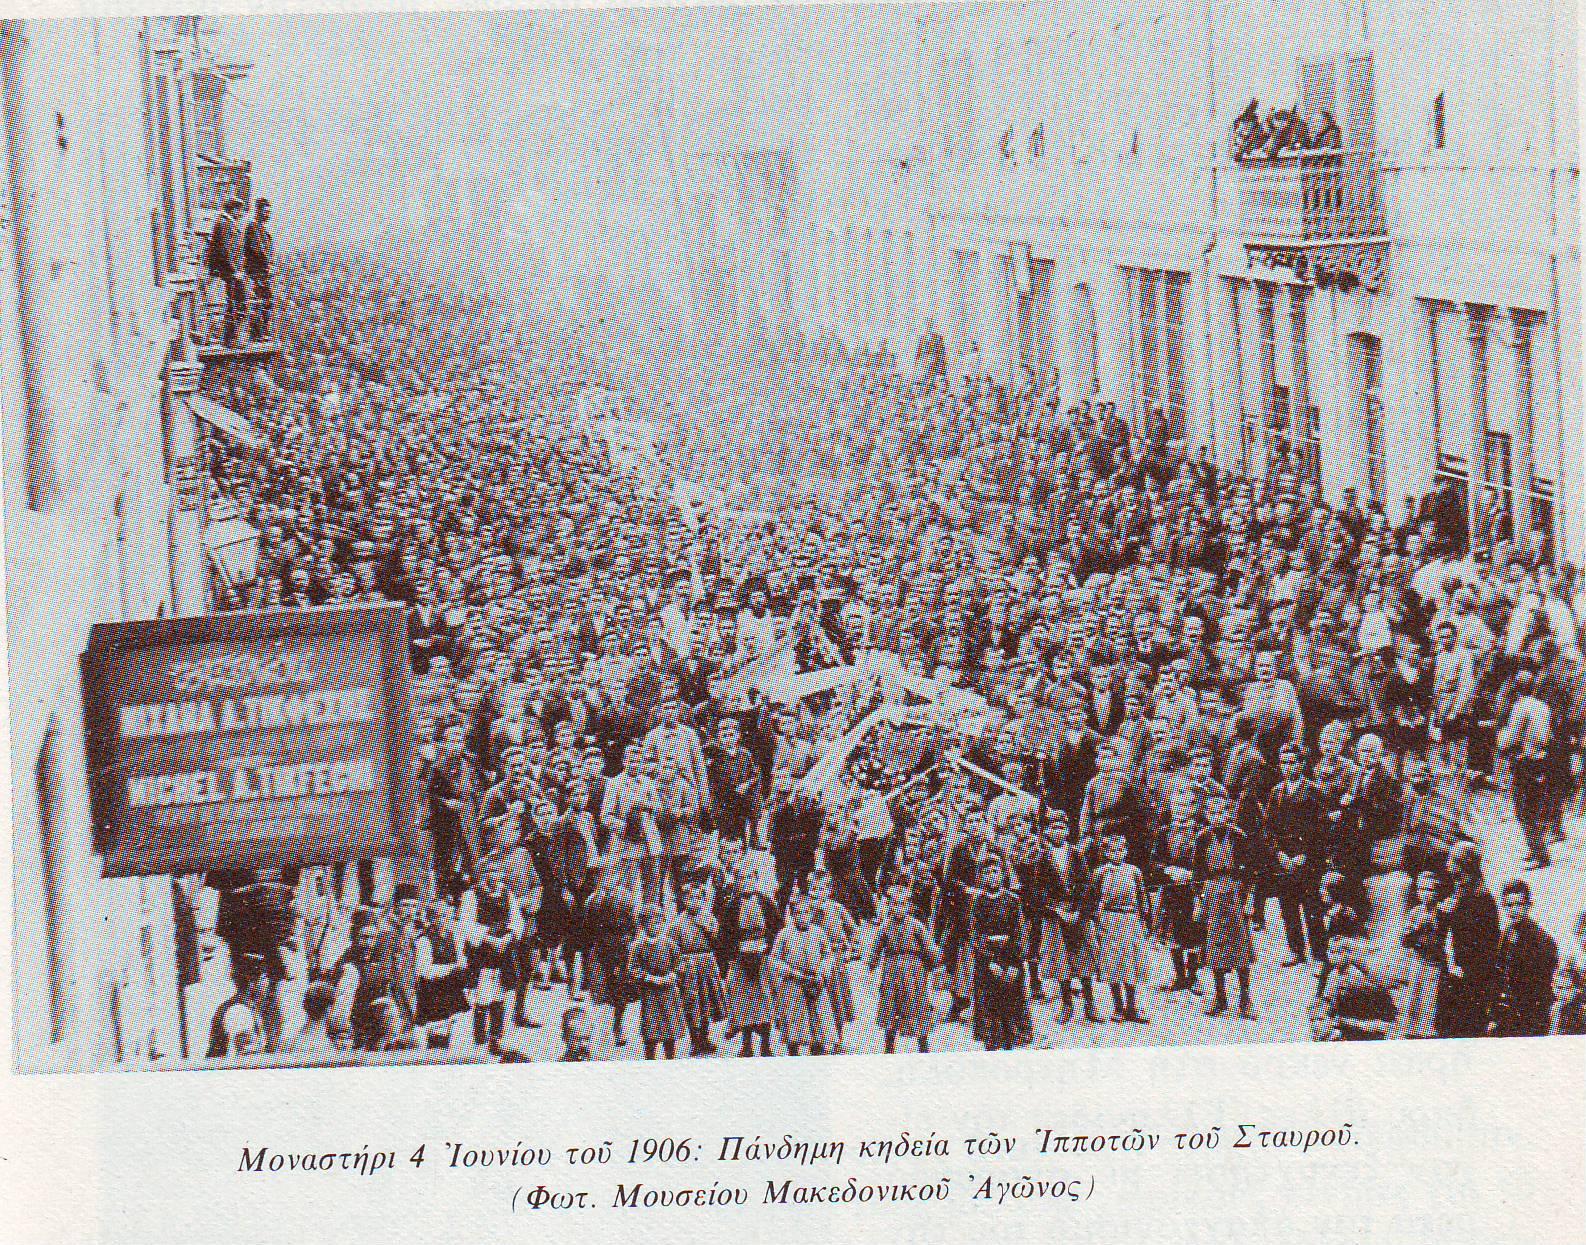 Κηδεία των Ιπποτών του Σταυρού 1906